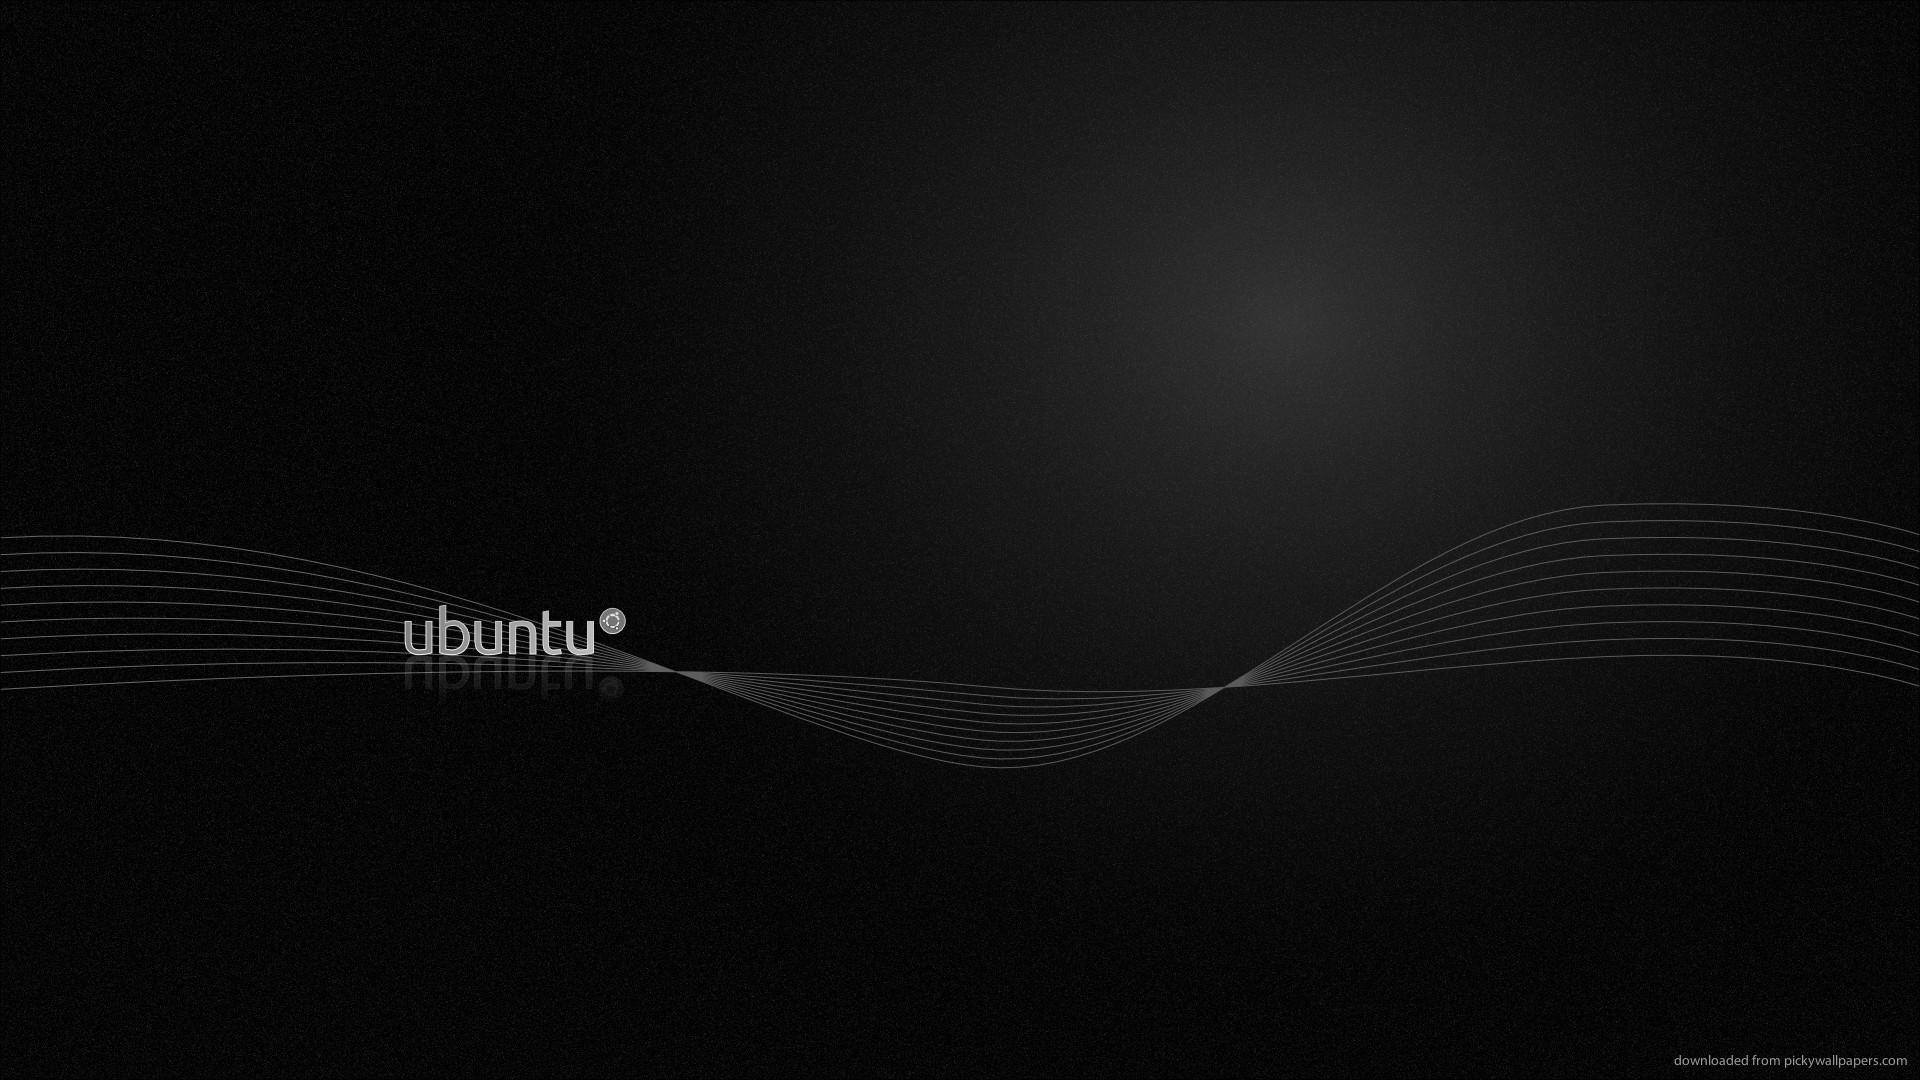 Ubuntu Wallpapers – WallpaperSafari